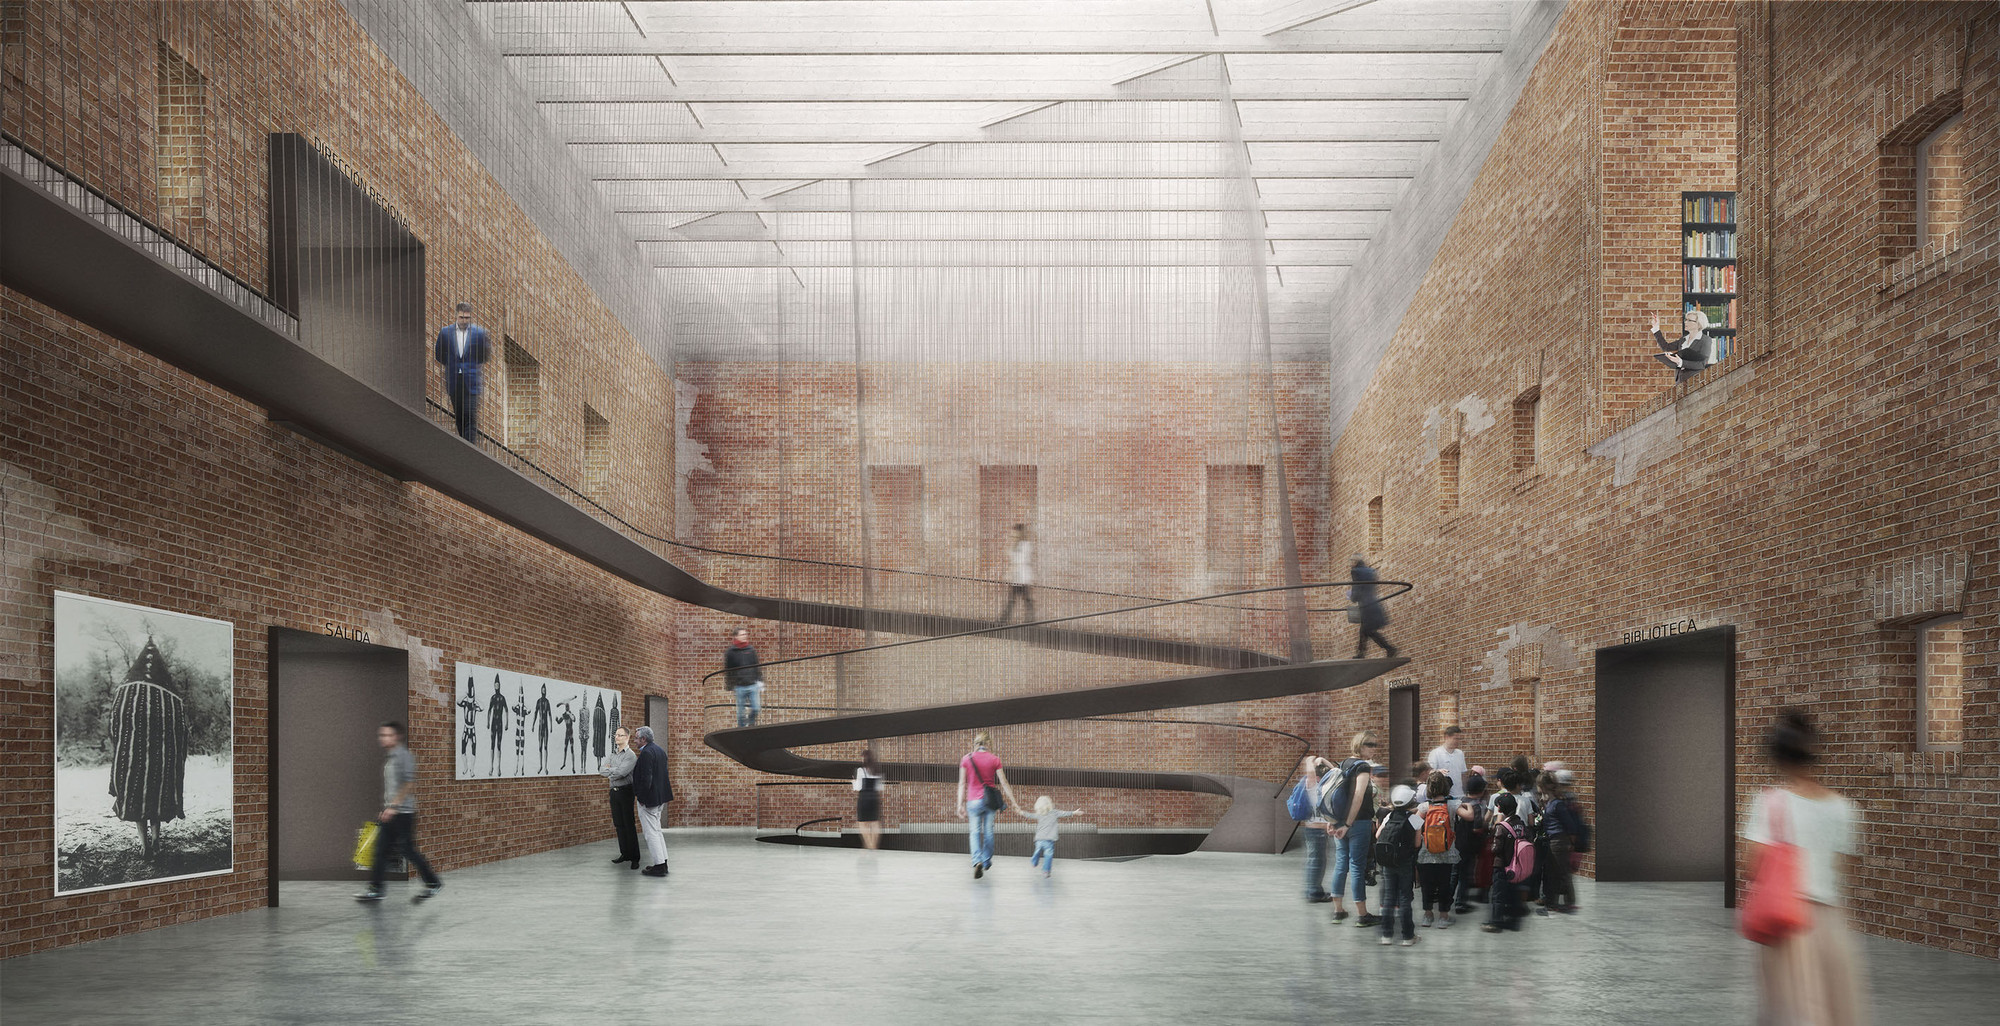 Segundo Lugar en concurso de habilitación y construcción Archivo y Biblioteca Regional de Punta Arenas / Chile, Hall de acceso. Image Cortesia de LyonBosch Arquitectos y B+V Arquitectura